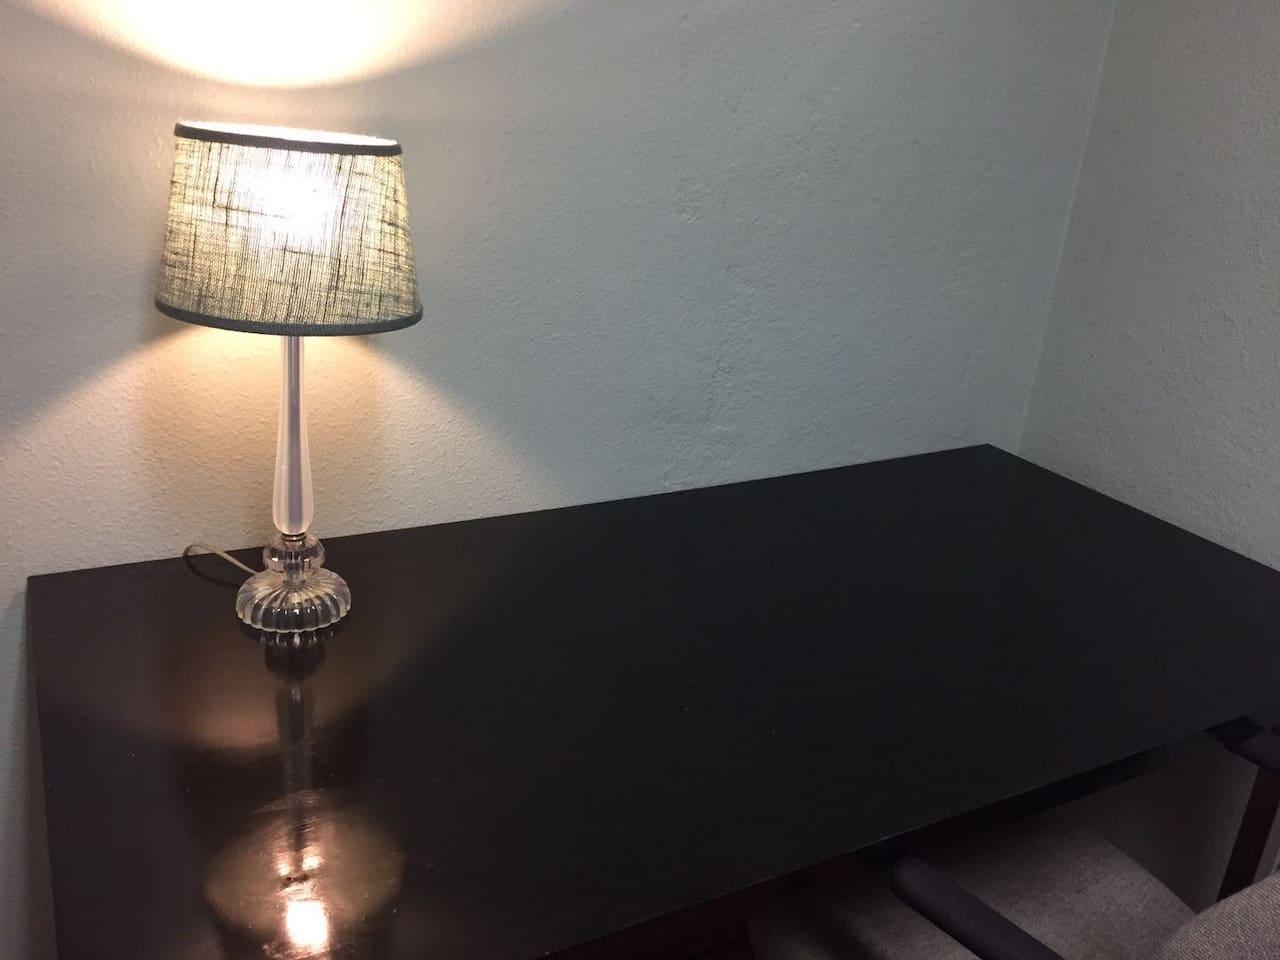 A big table